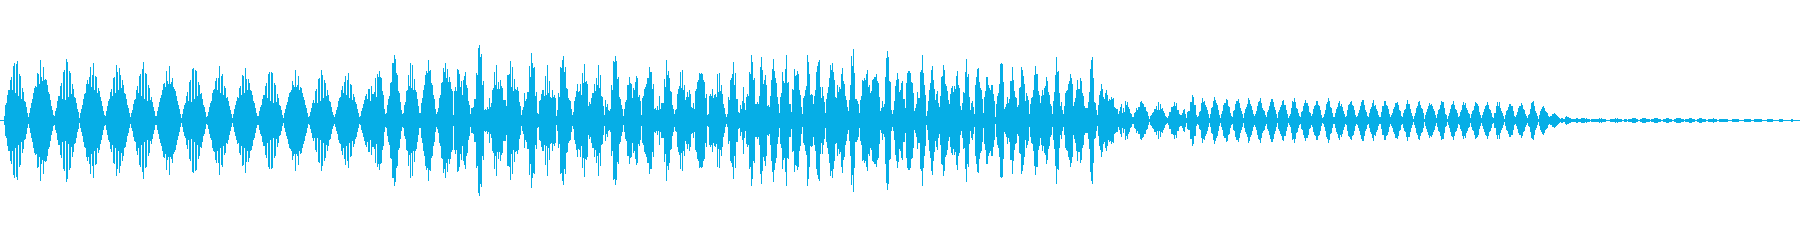 ボタン決定音システム選択タッチ登録C08の再生済みの波形